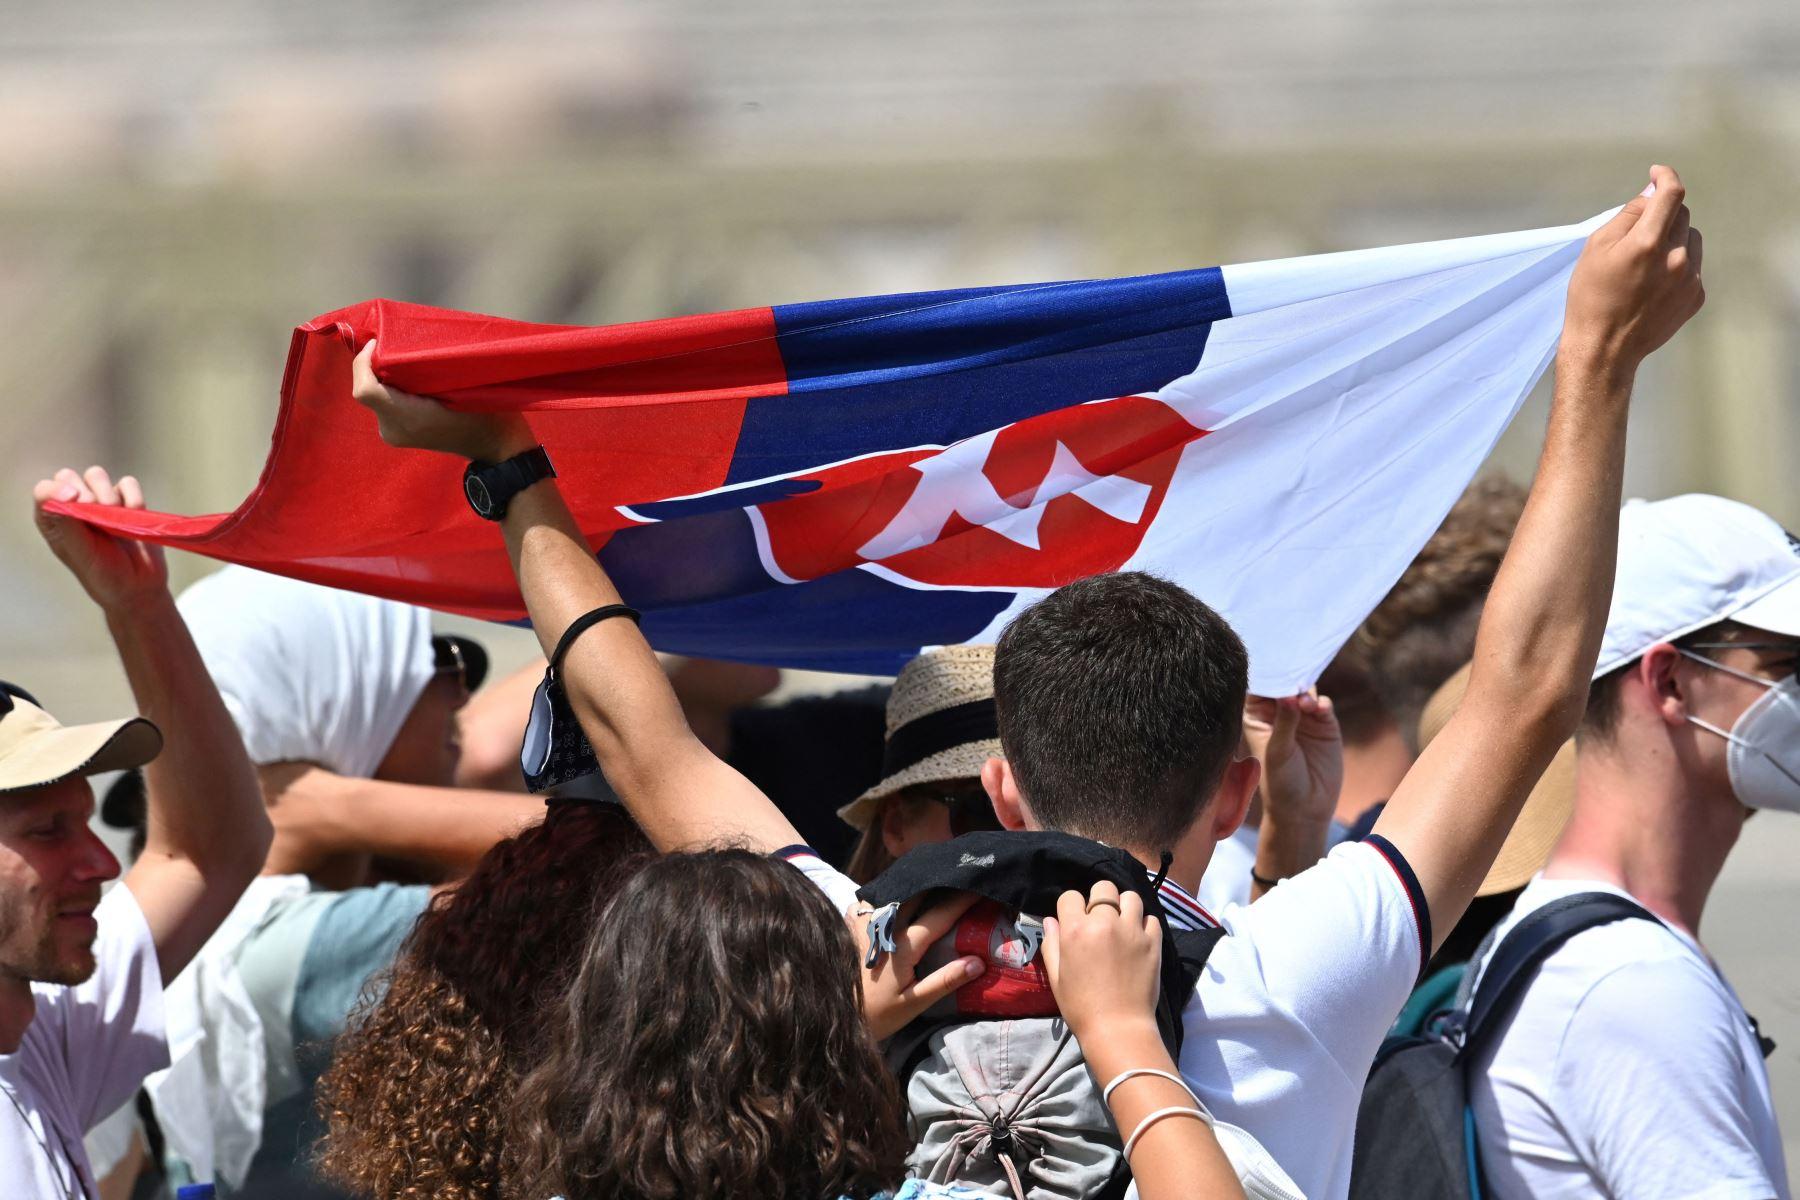 Los peregrinos eslovenos sostienen su bandera nacional mientras el Papa Francisco pronuncia la oración del Ángelus dominical desde la ventana de su estudio con vista a la Plaza de San Pedro en el Vaticano. Foto: AFP